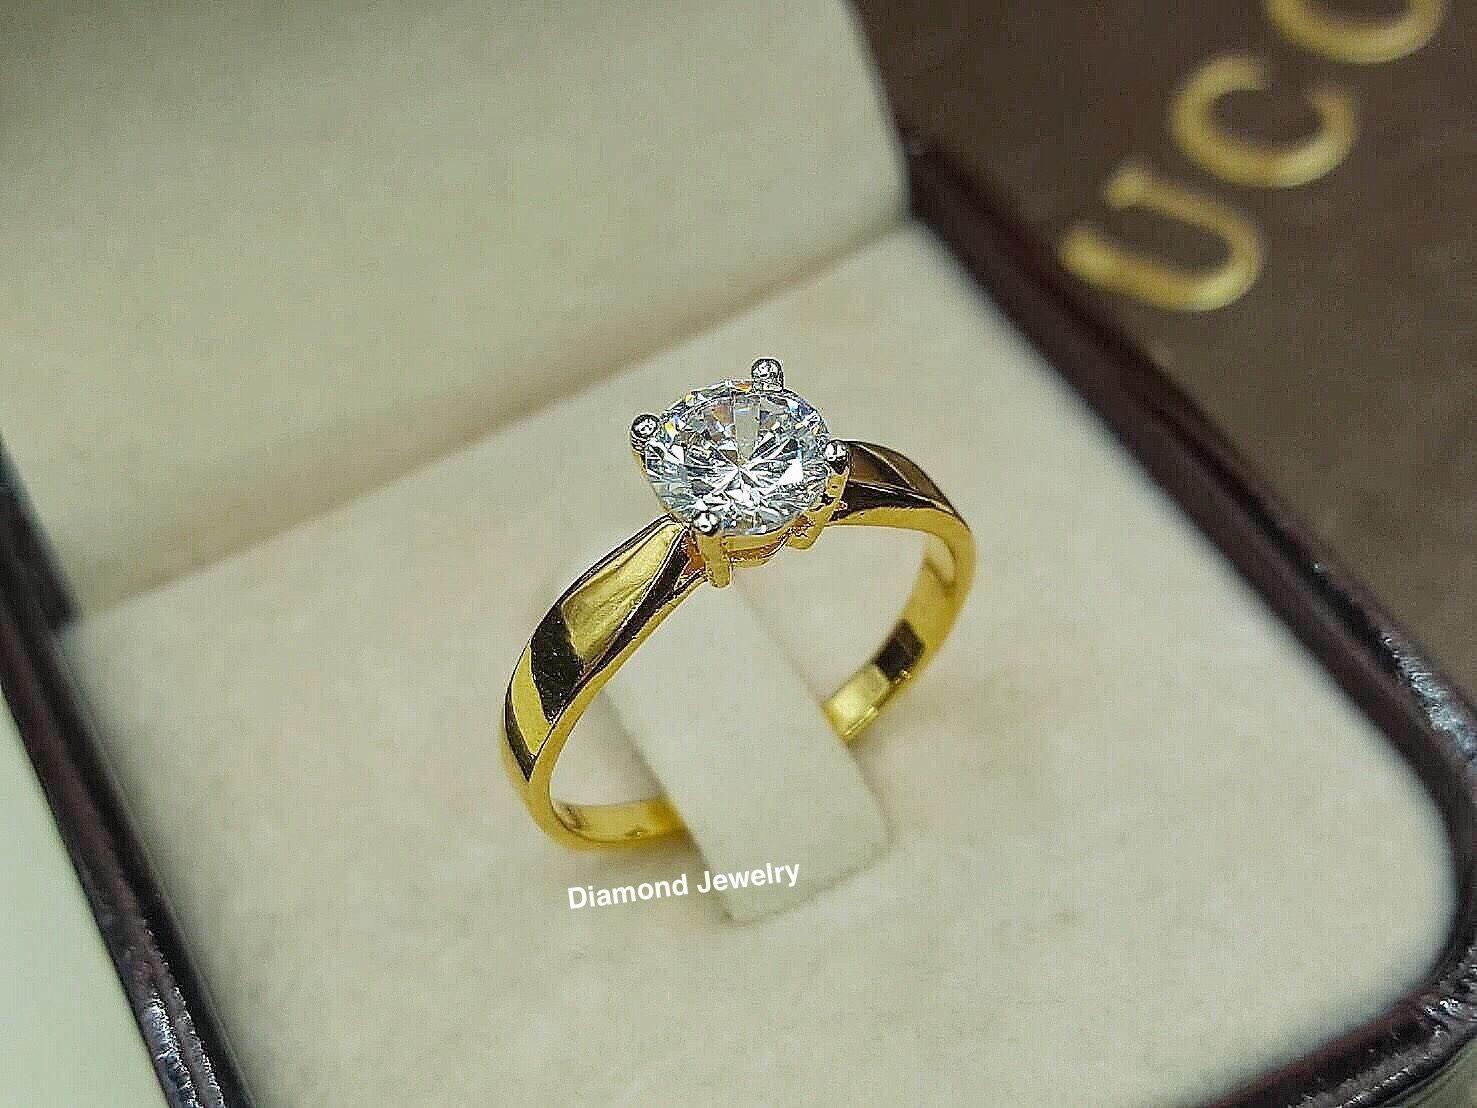 พร้อมส่ง แหวนเพชรทรงแหวนหมั้น